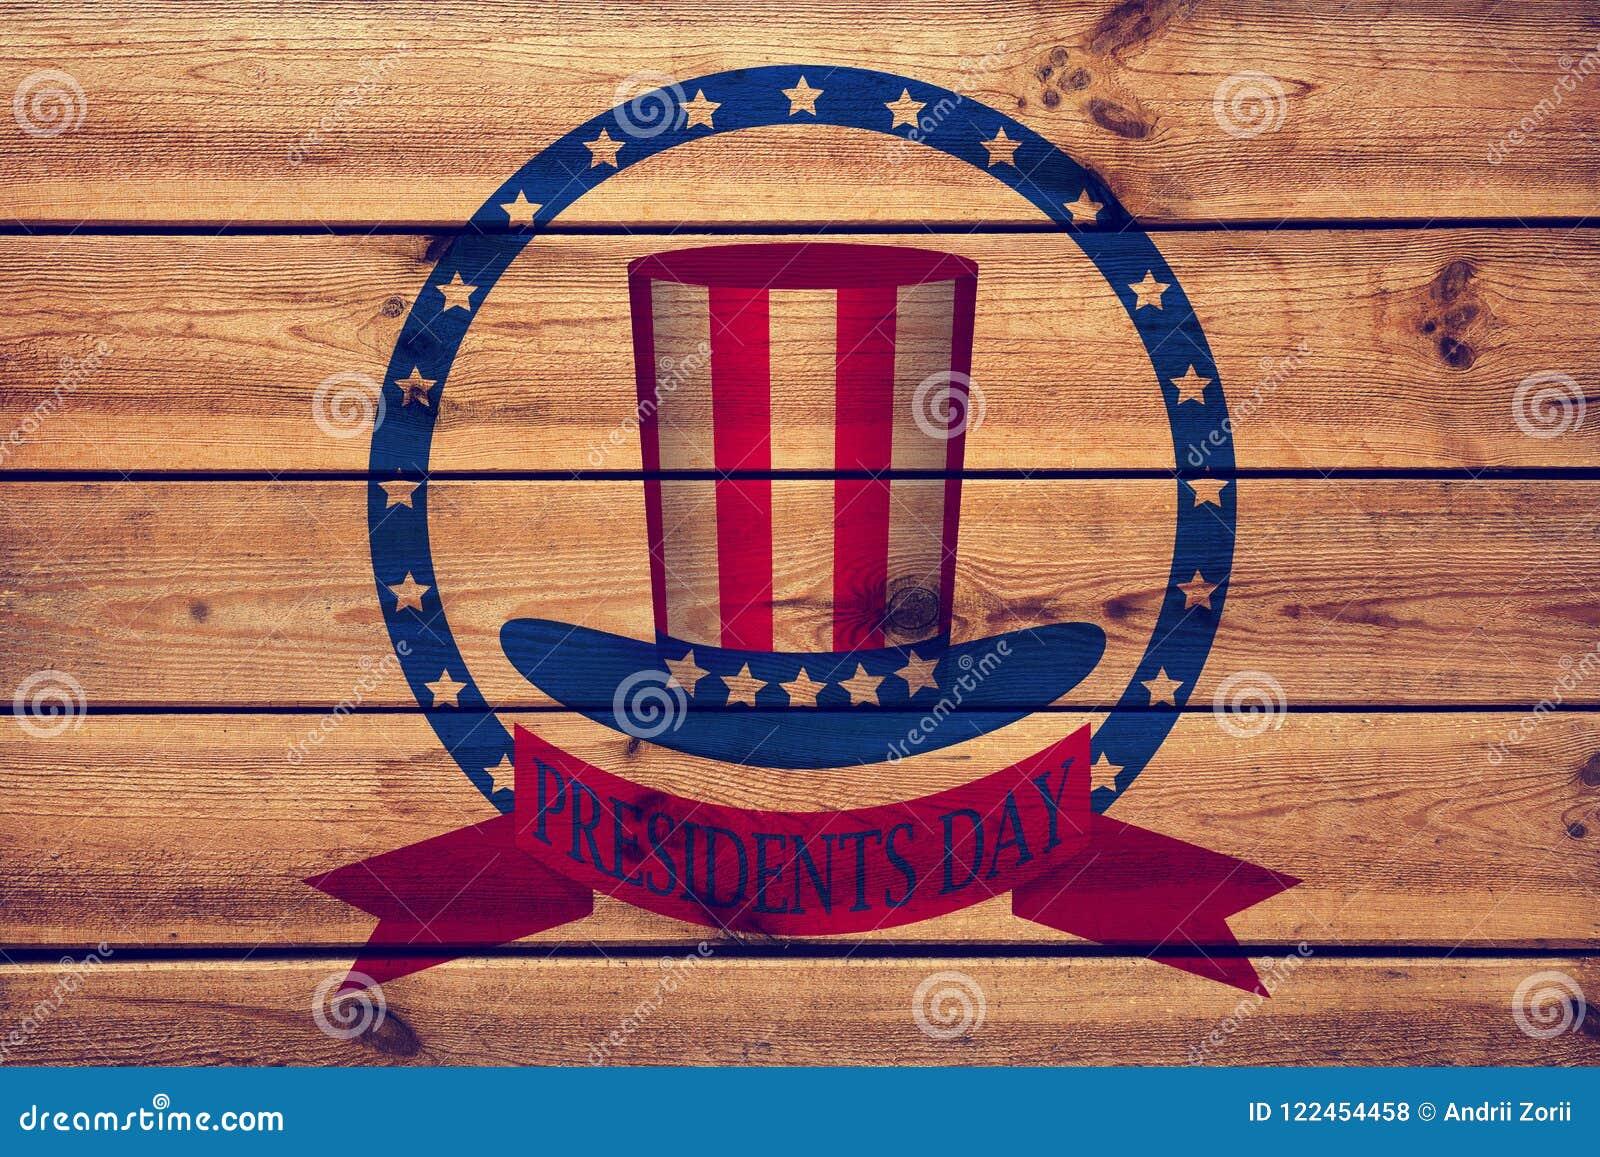 Υπόβαθρο ημέρας Προέδρων, Ηνωμένες Πολιτείες